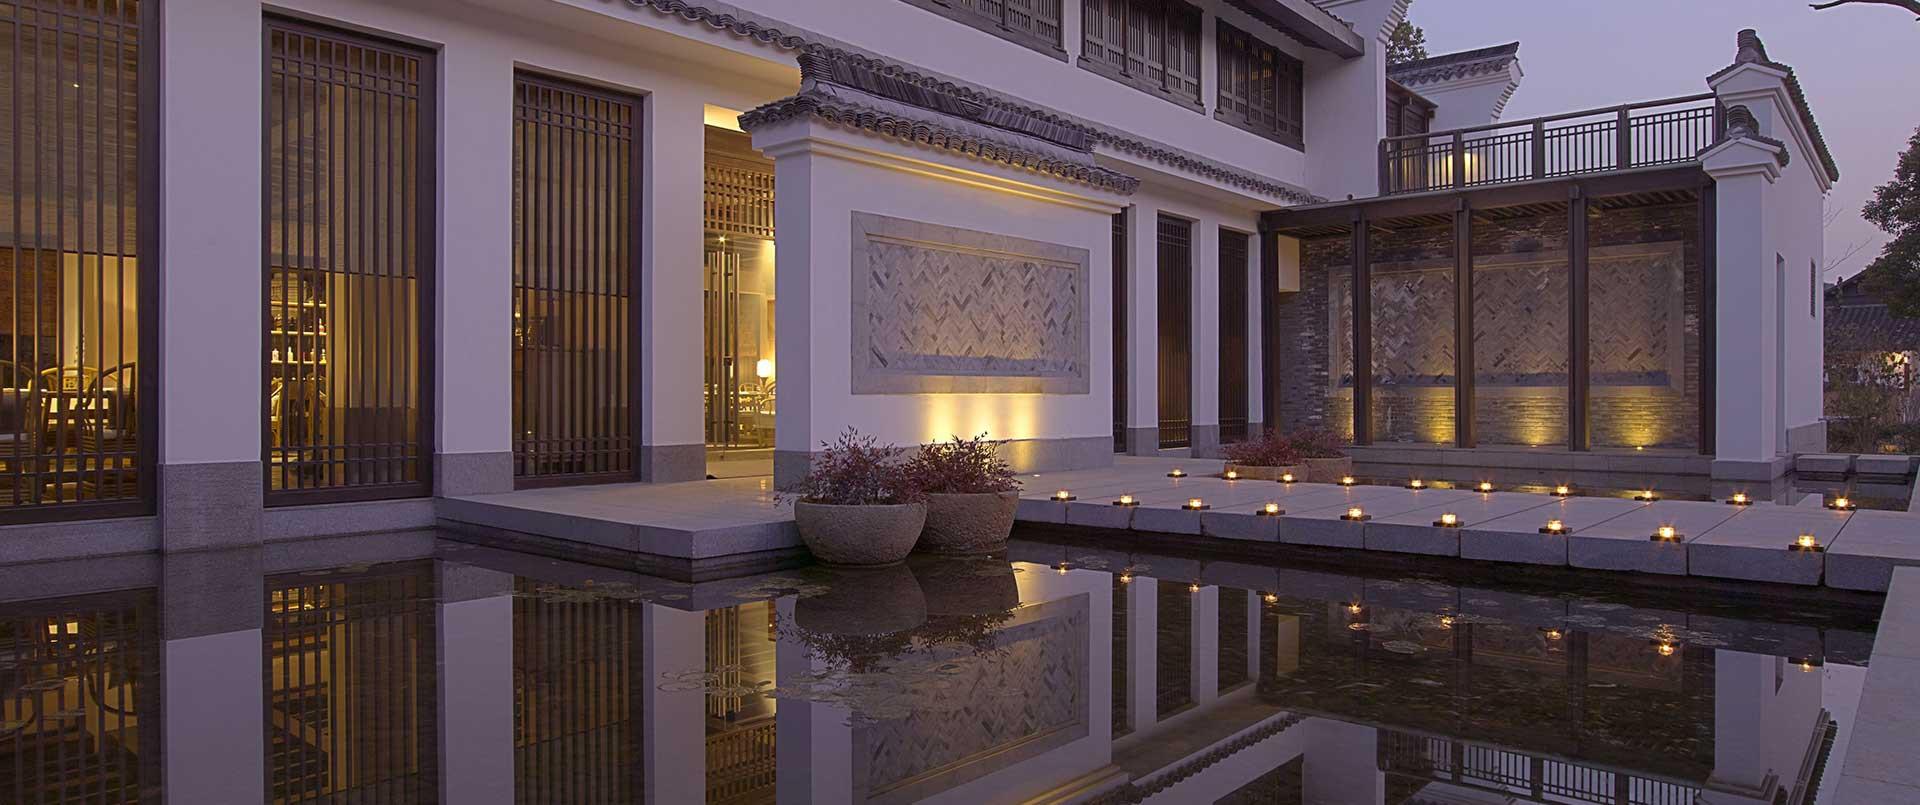 Huachen International Hotel Hangzhou - Official Website